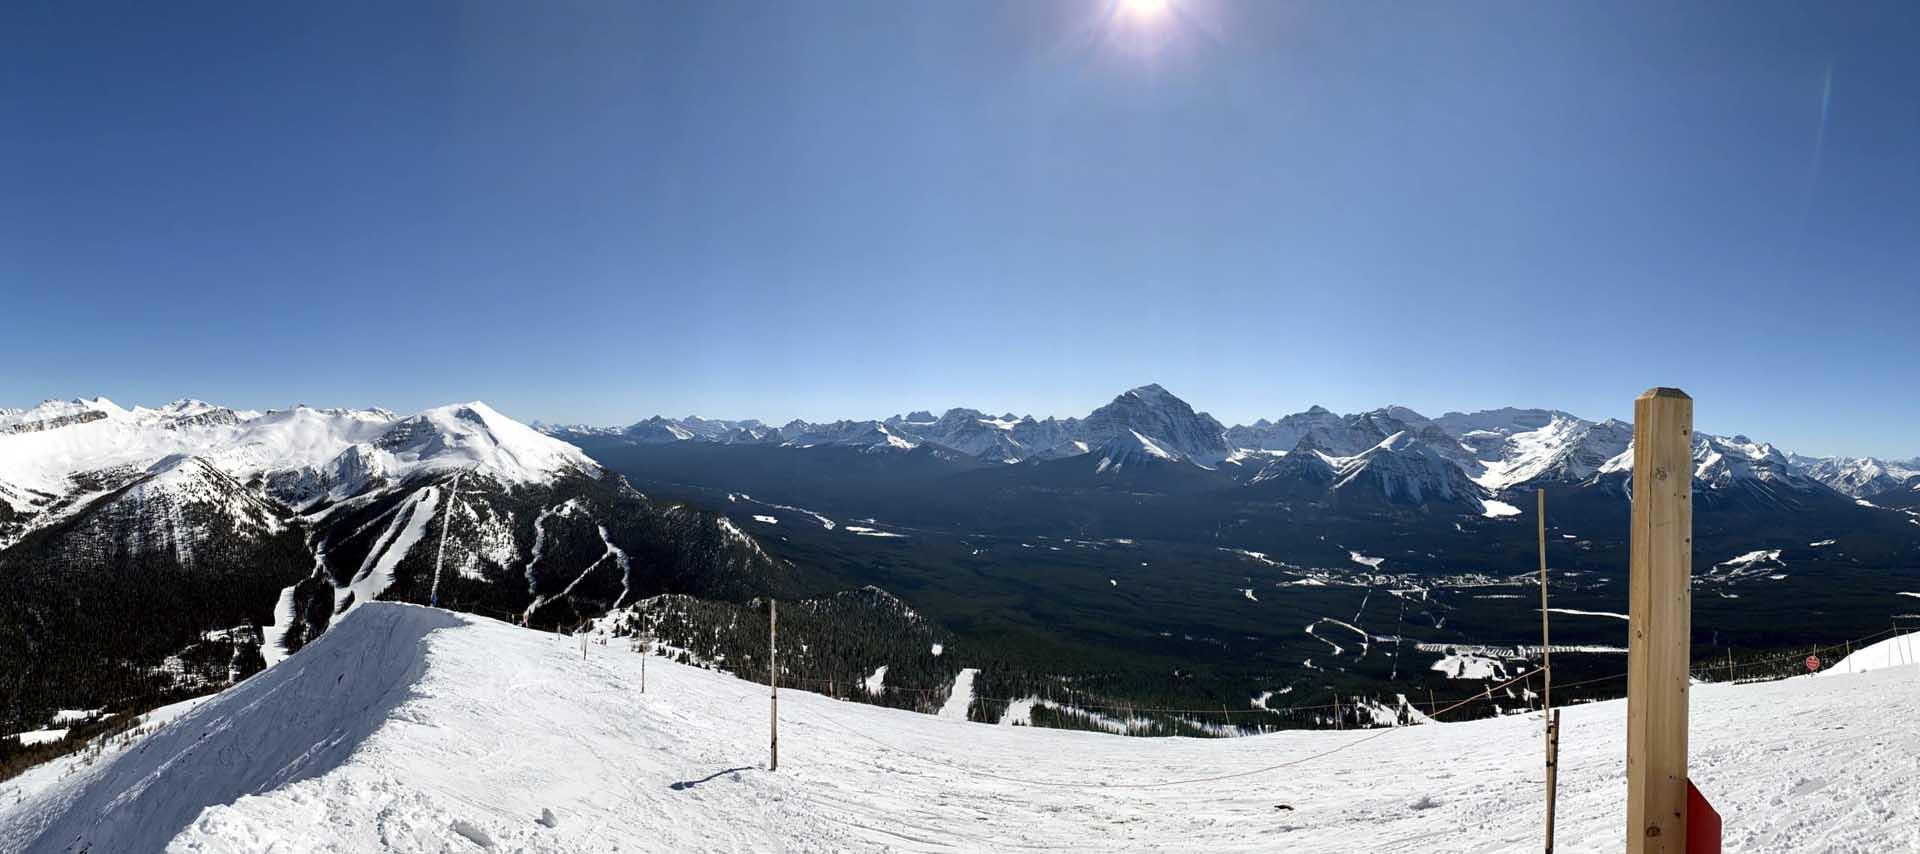 Výhled z lyžařského resortu Lake Louise na okolní Rocky Mountains